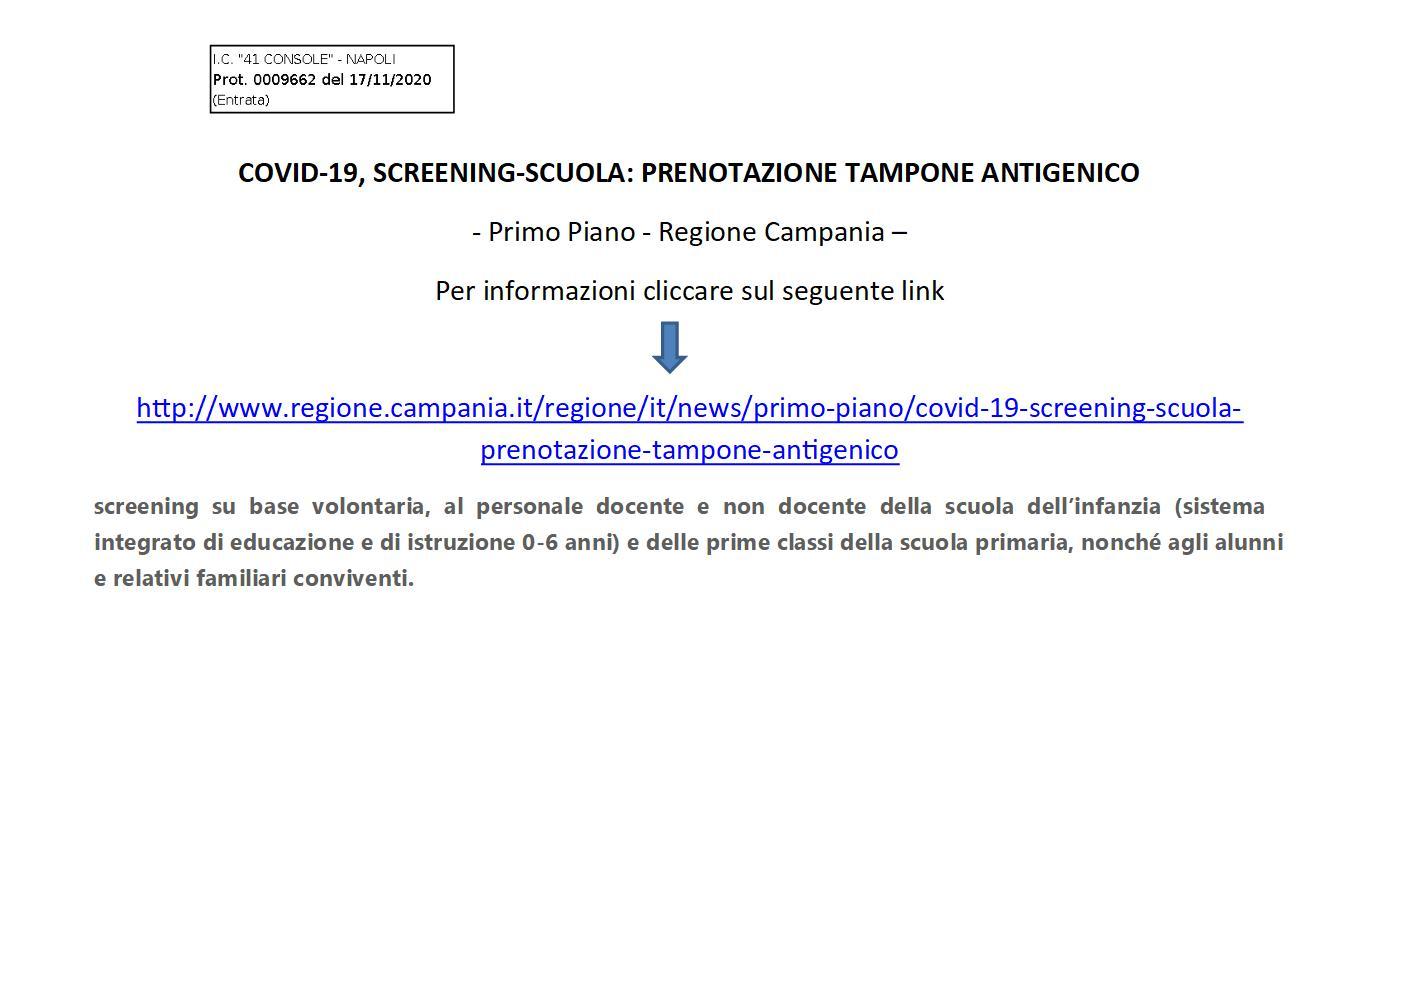 Per approfondimenti sul sito della Regione Campania  cliccare qui